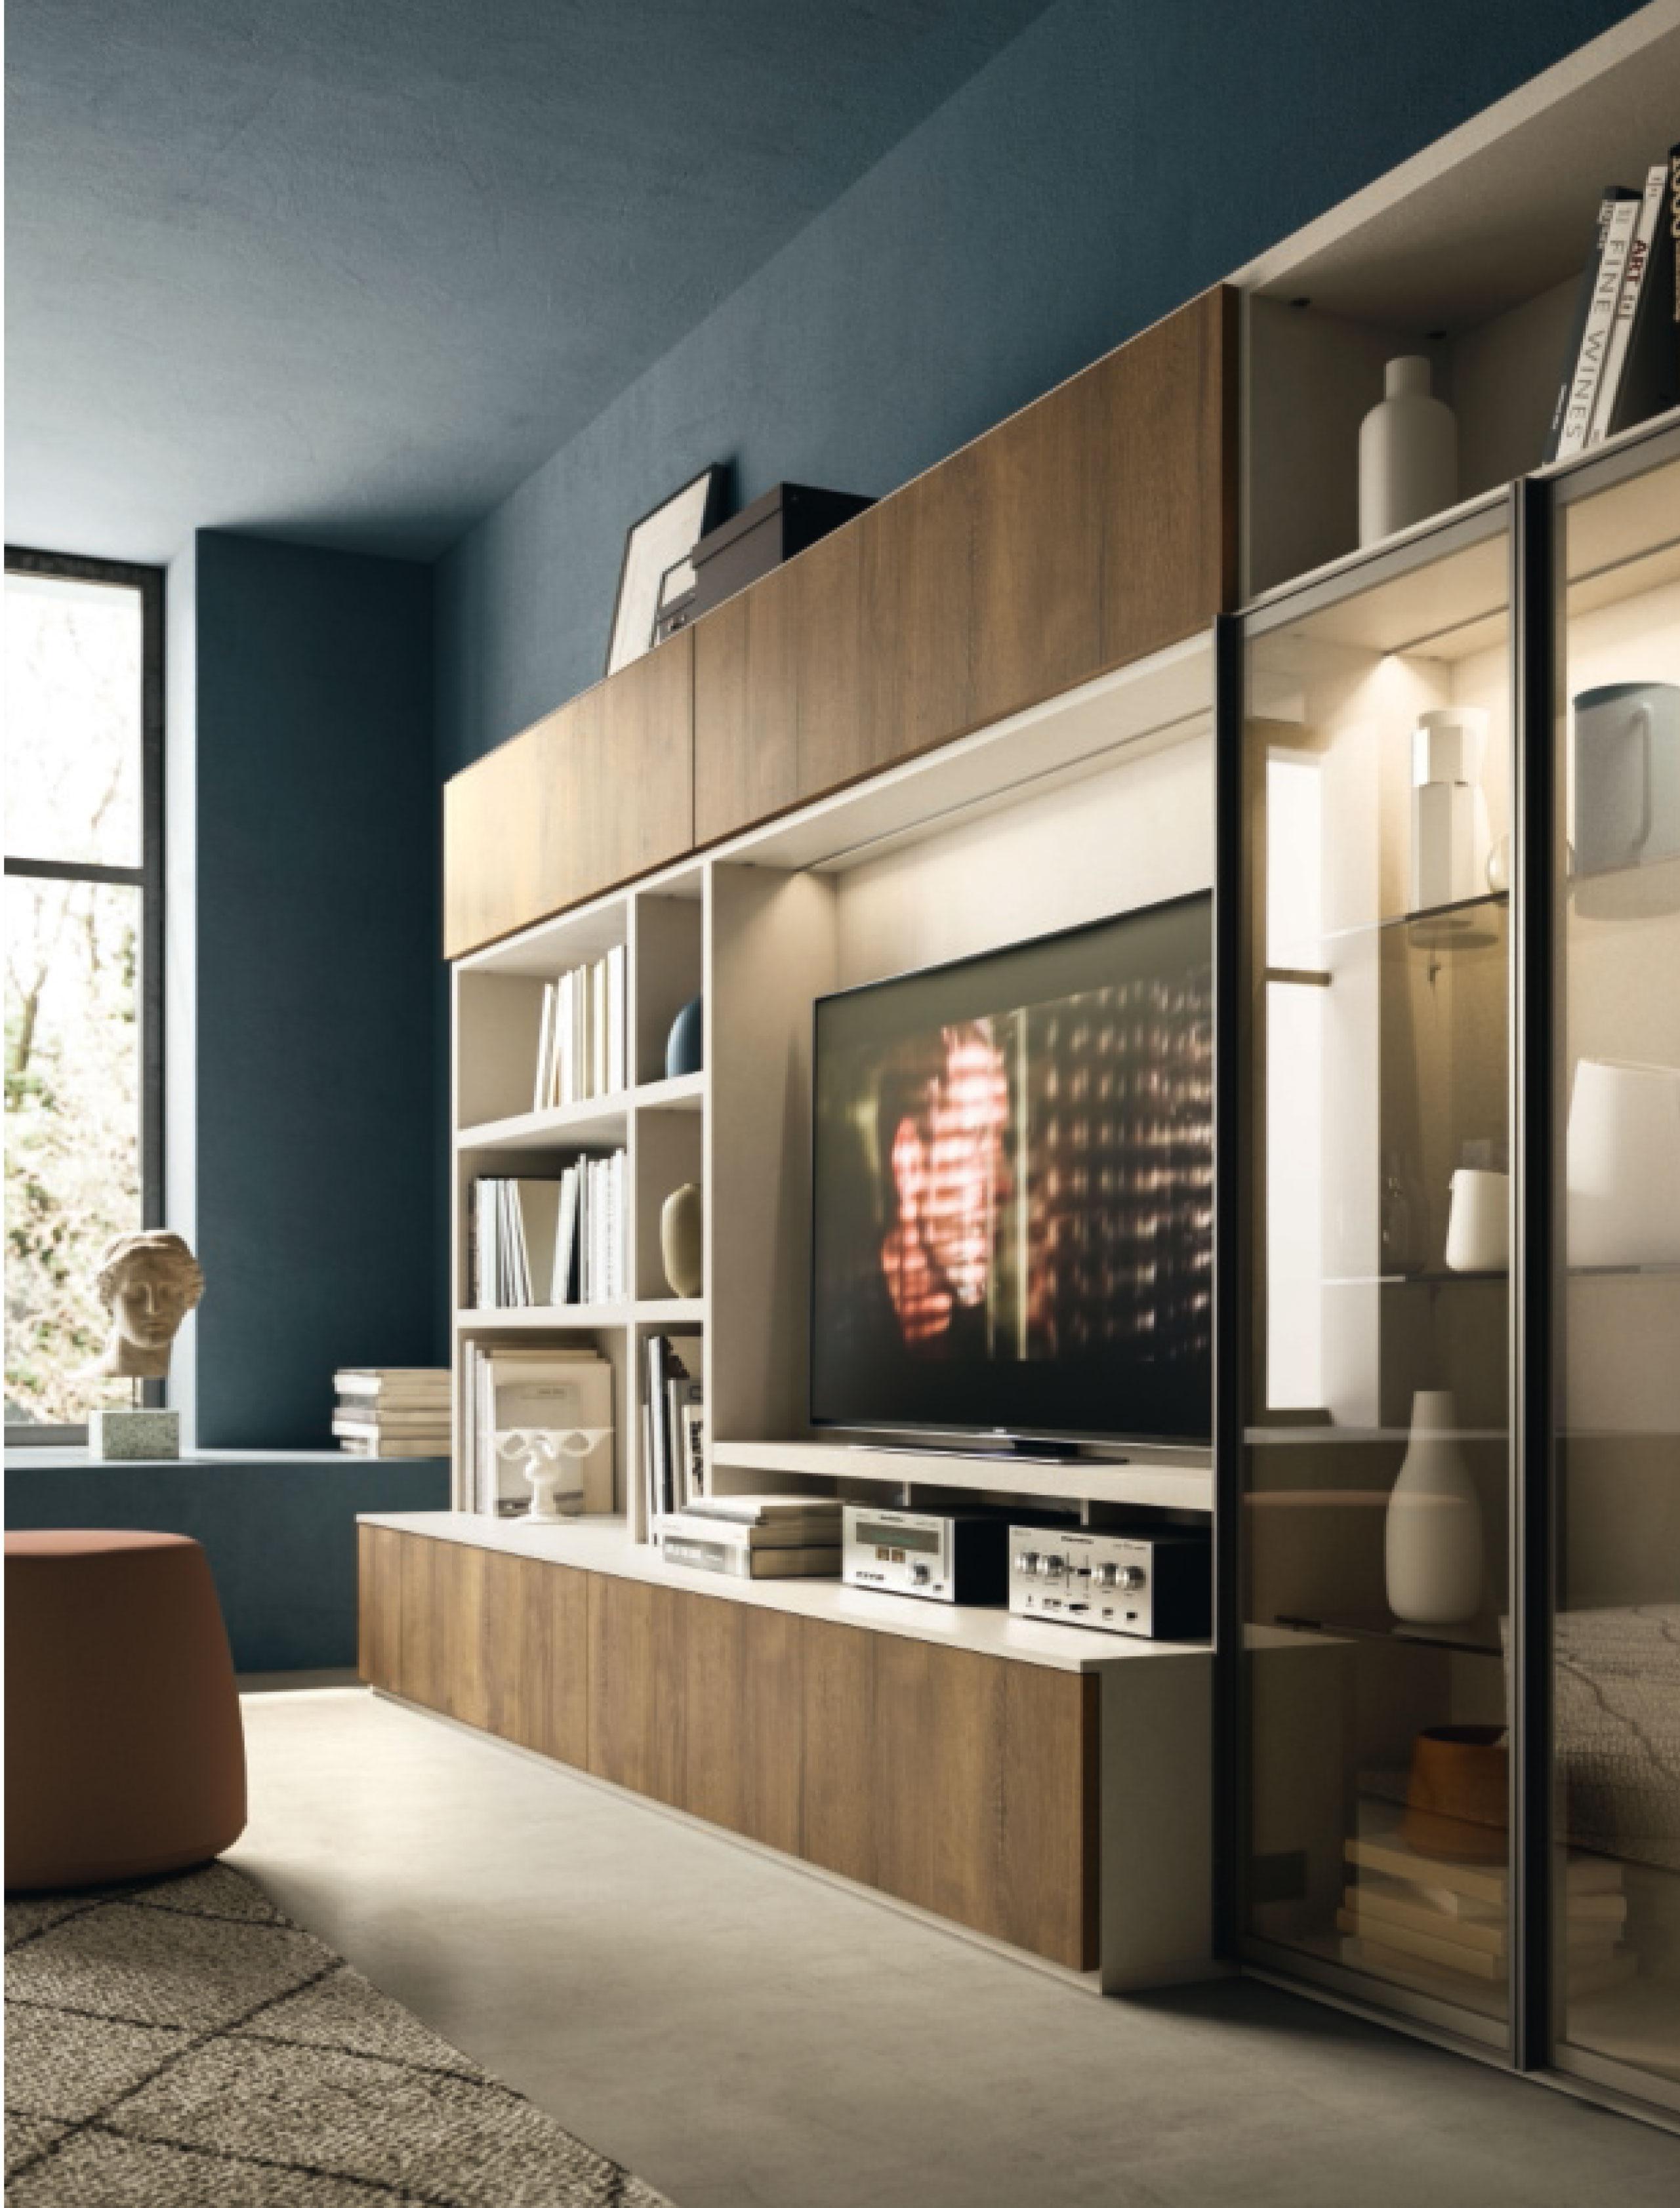 Meuble Tv Avec Bibliothèque bibliothèque avec vitrine et espace tv - en savoir plus nous